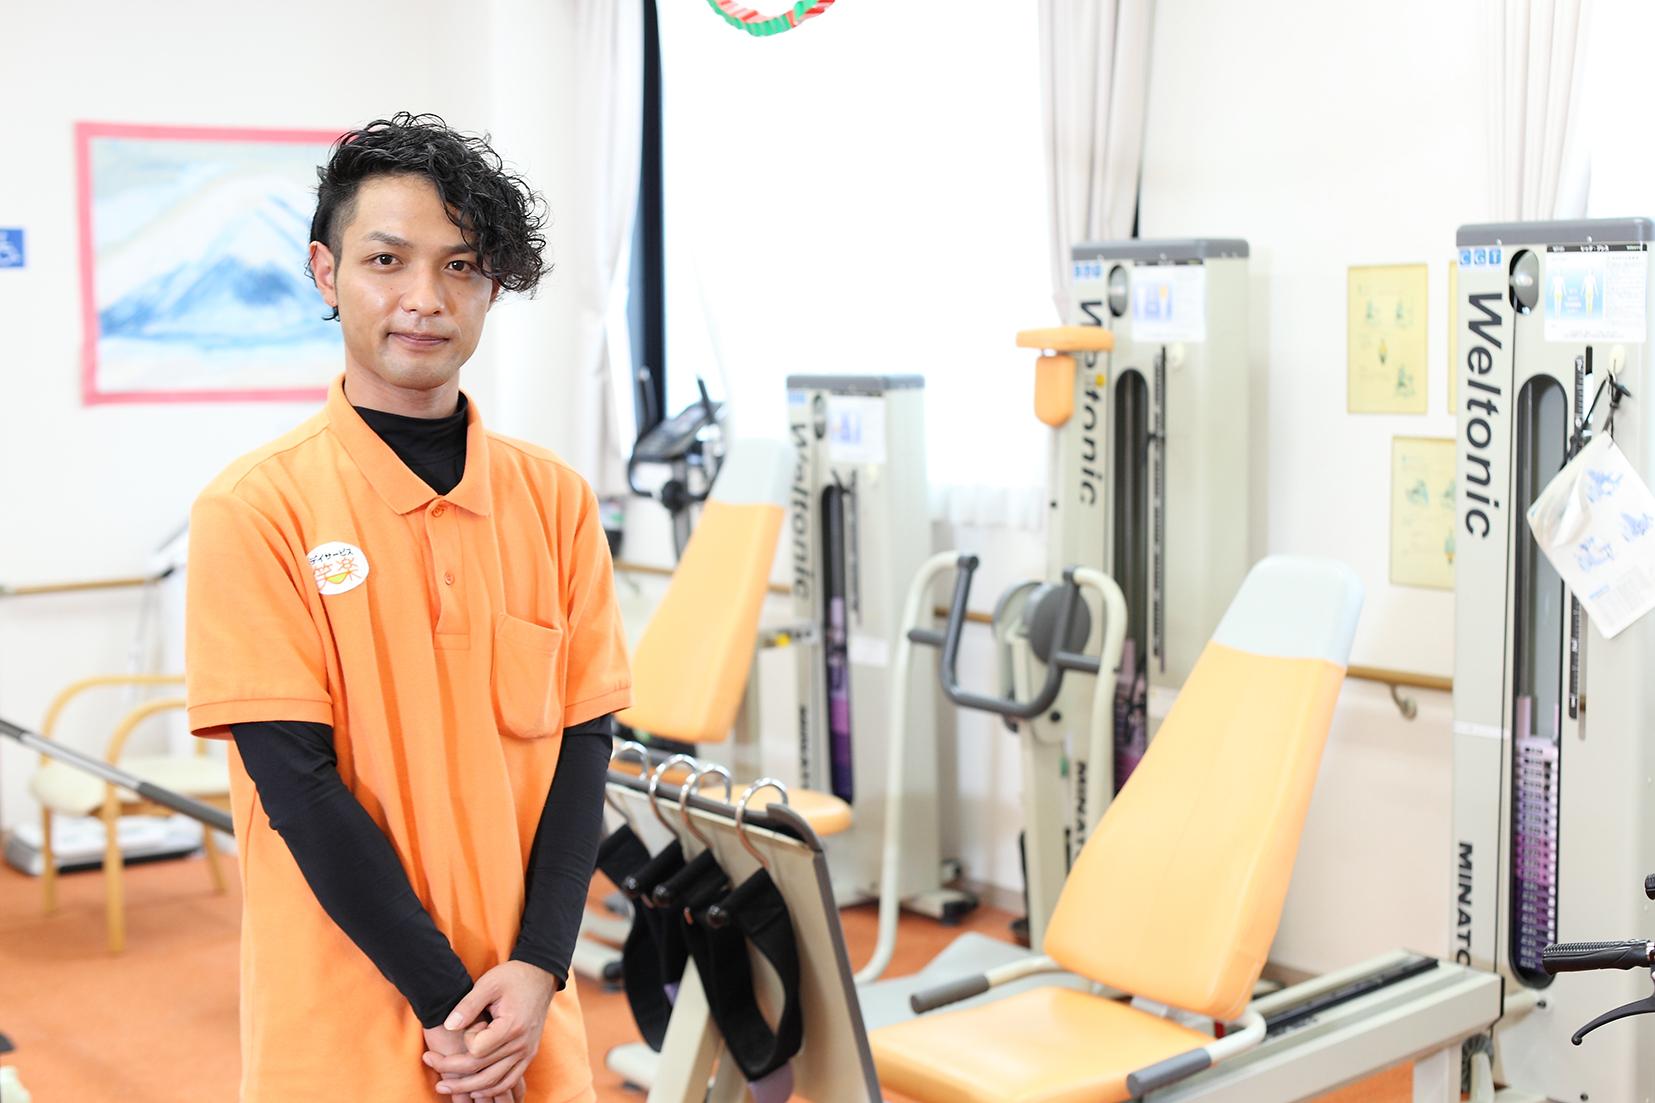 【神戸三宮】財務(総合職)募集◇有休消化100%を推奨しているので、プライベートも充実!資格取得助成制度あり!